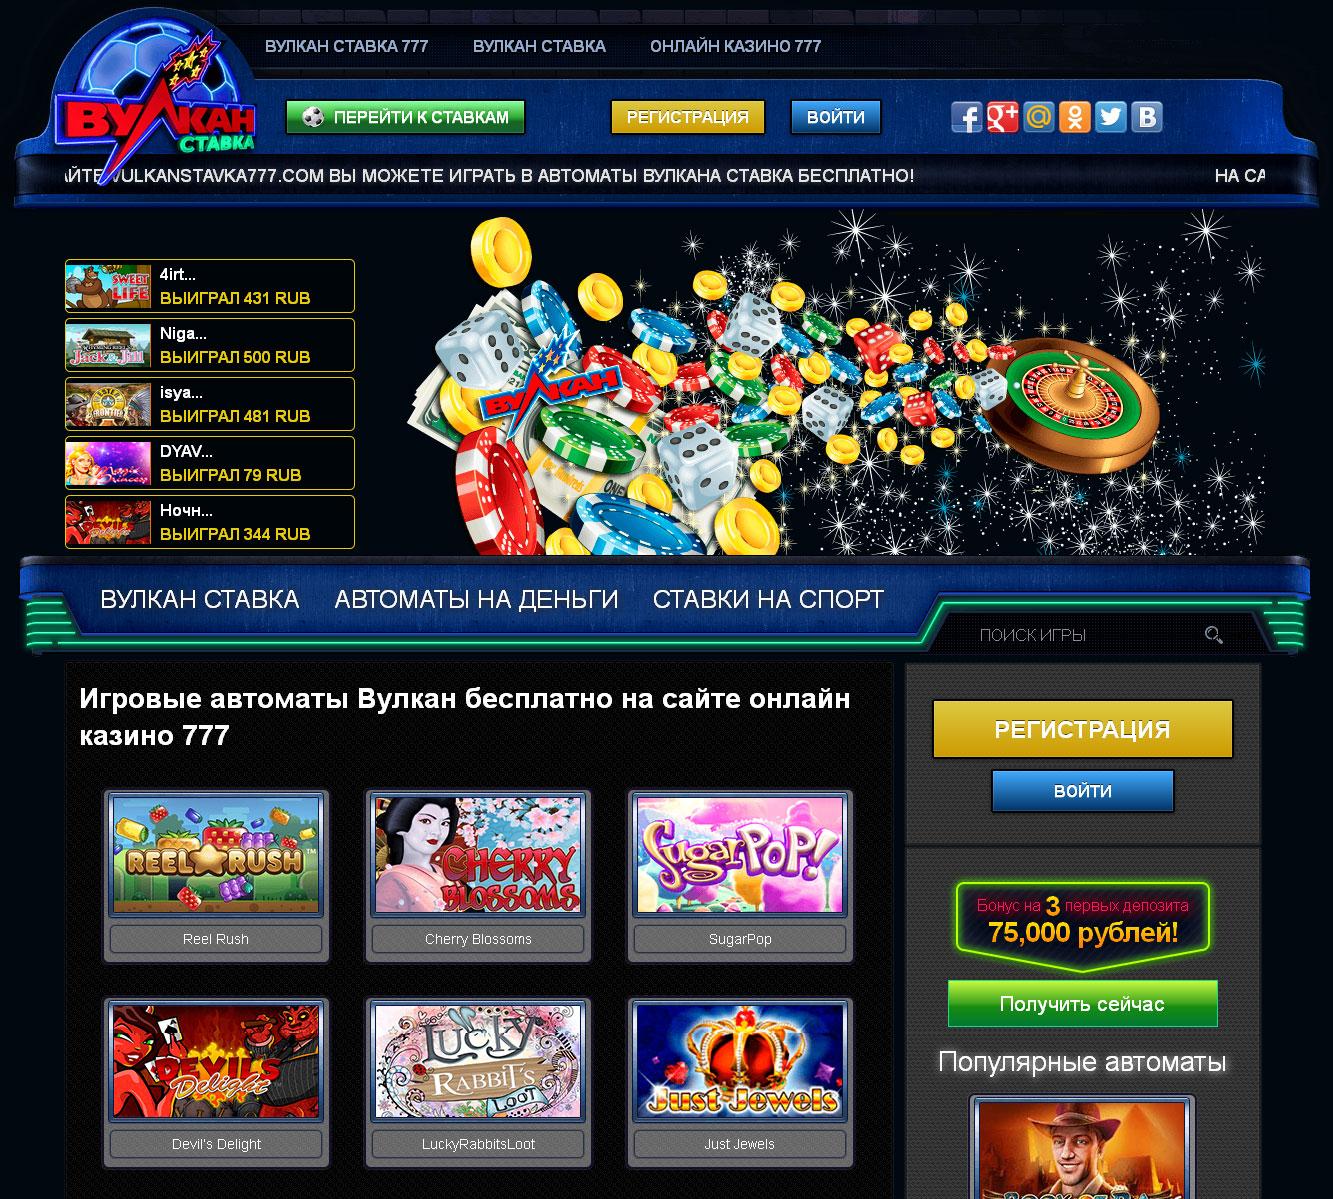 Игровые автоматы вулкан 24 играть онлайн бесплатно без регистрации можно ли играть в казино i